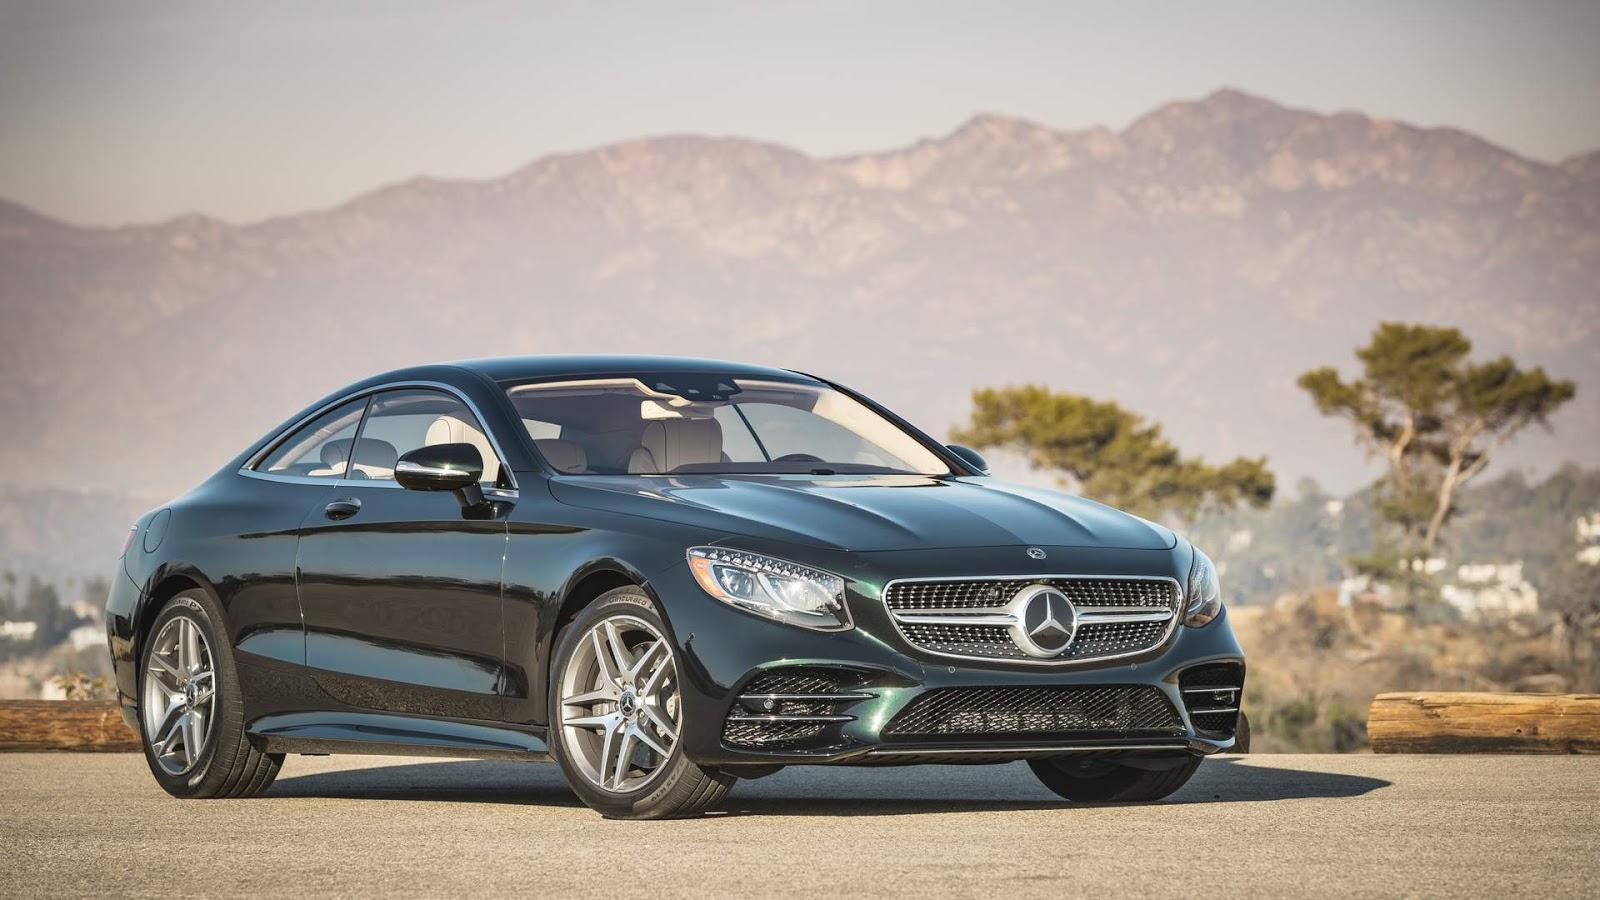 Mercedes benz classe s coup e cabriolet 2019 v deo car for Mercedes benz b class bev